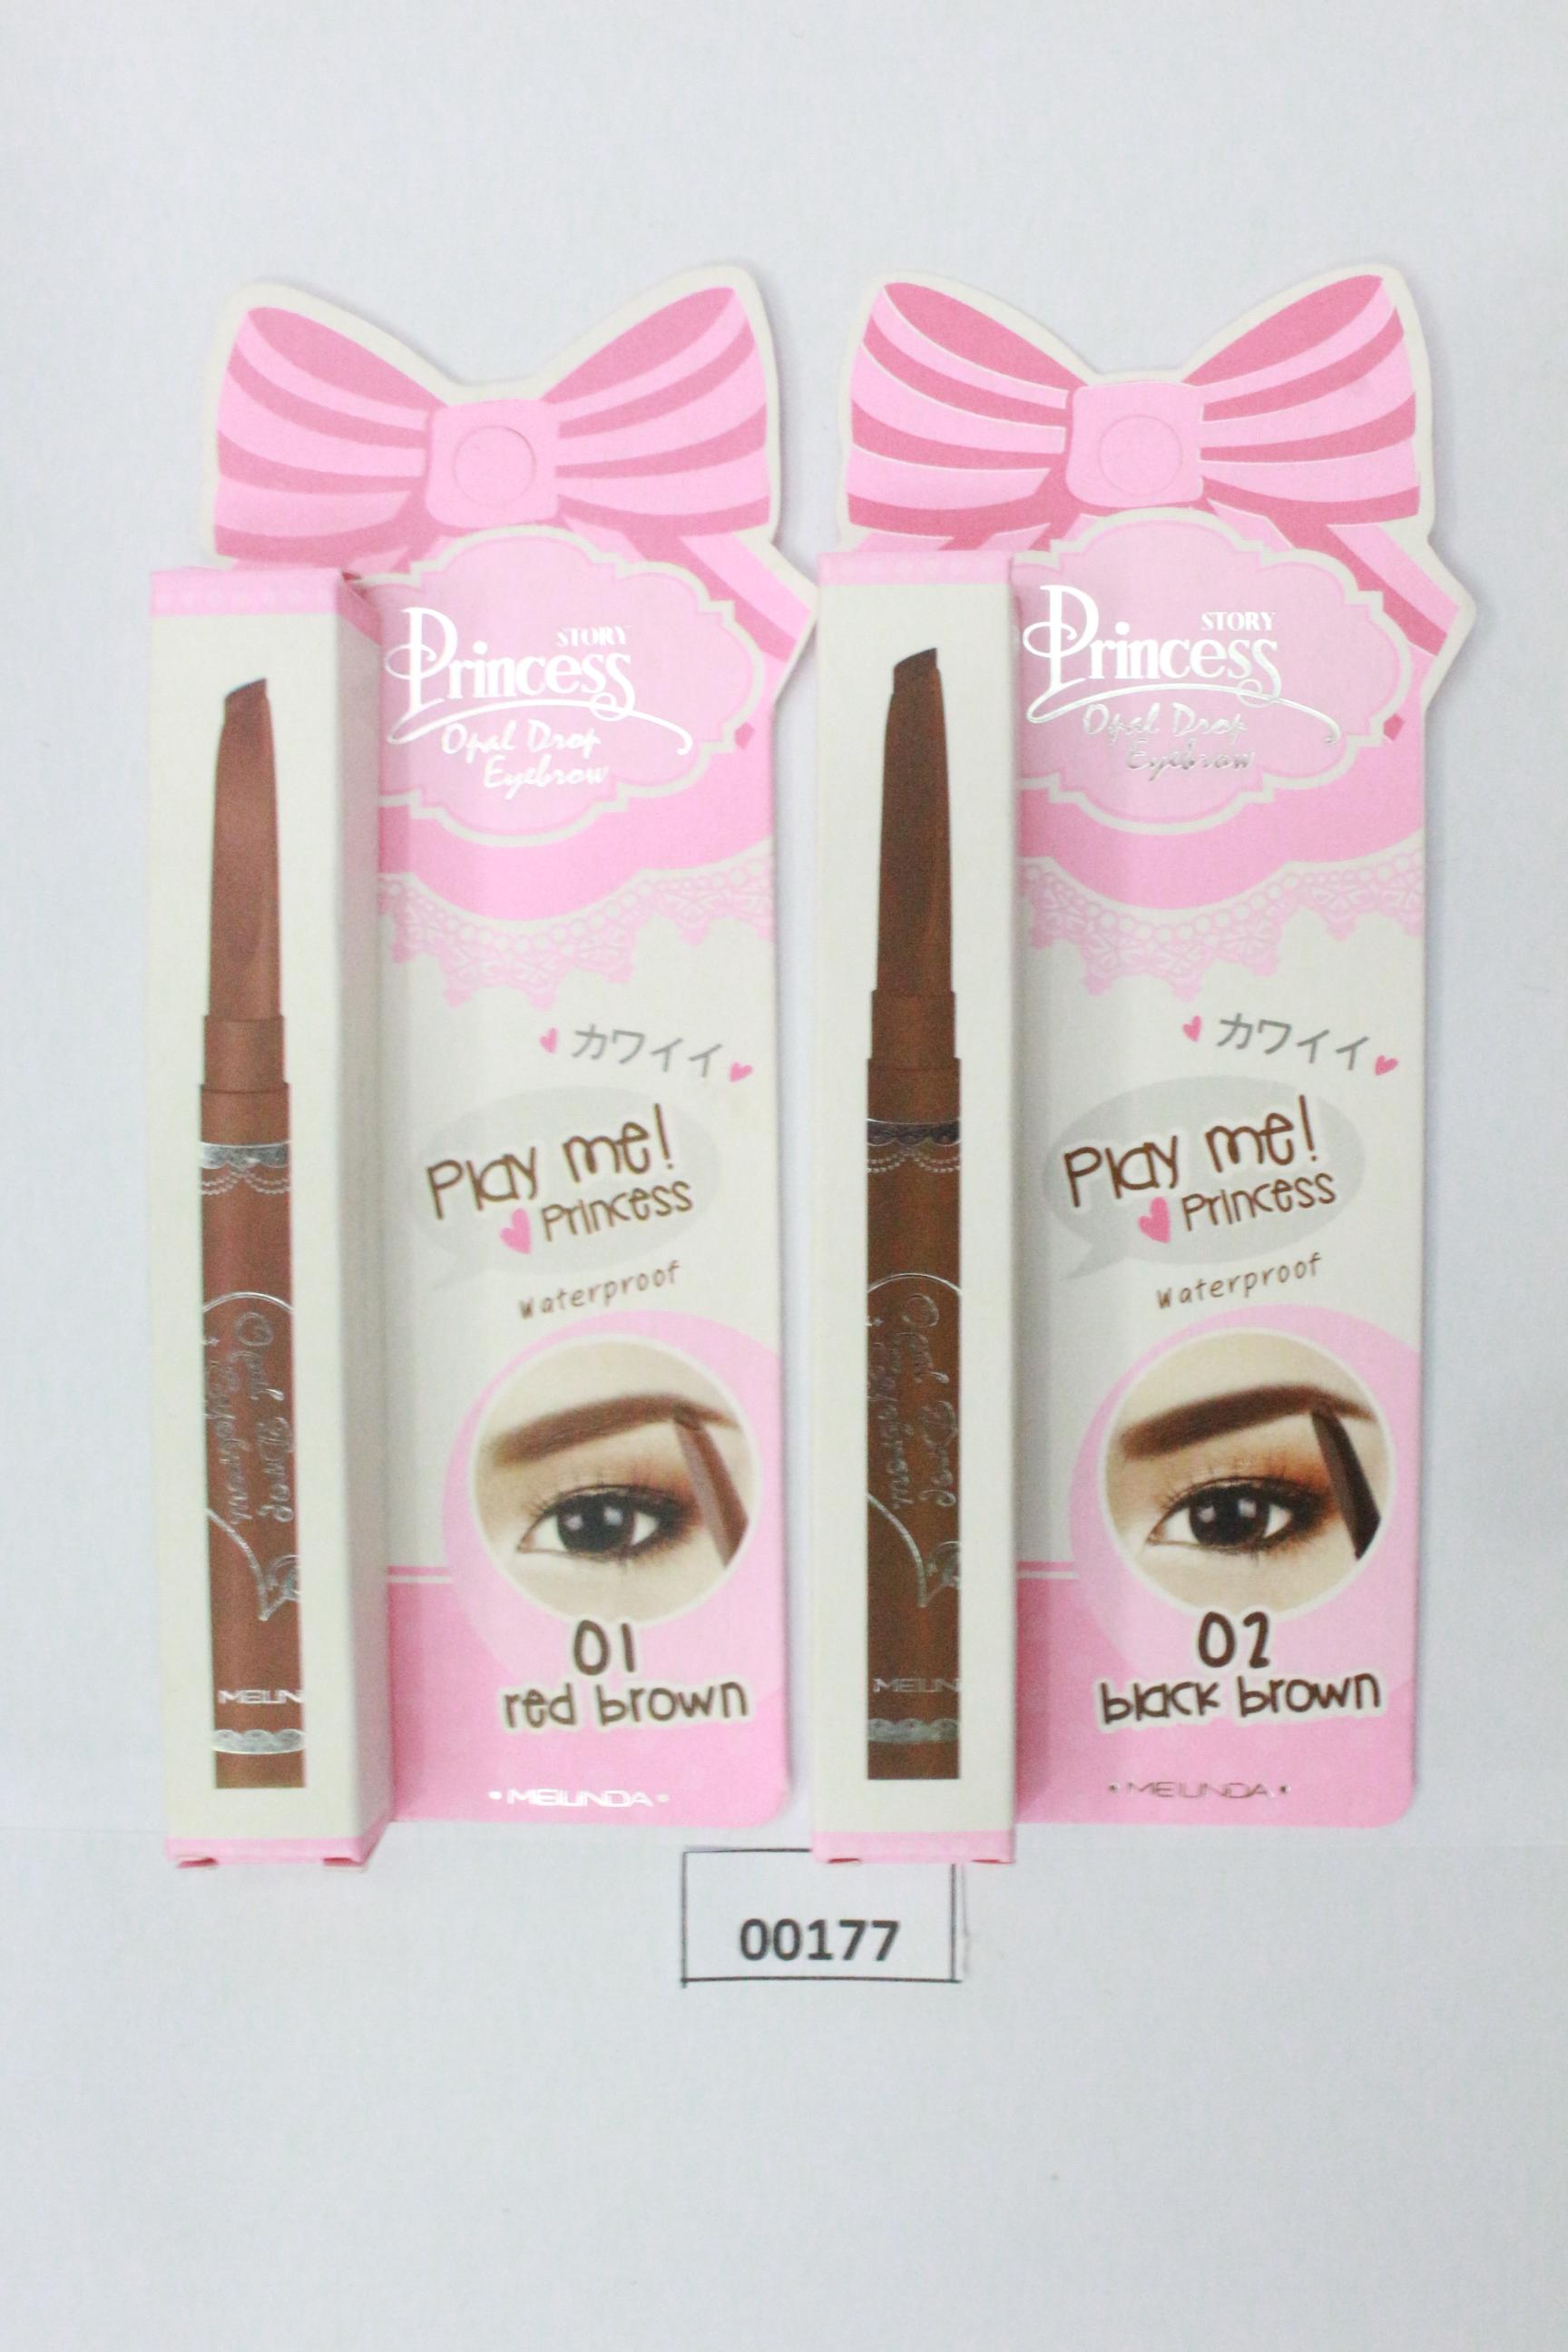 ดินสอเขียนคิ้ว Princess Story Opal Drop Eyebrow เนื้อเนียน กันน้ำ ติดทนนาน